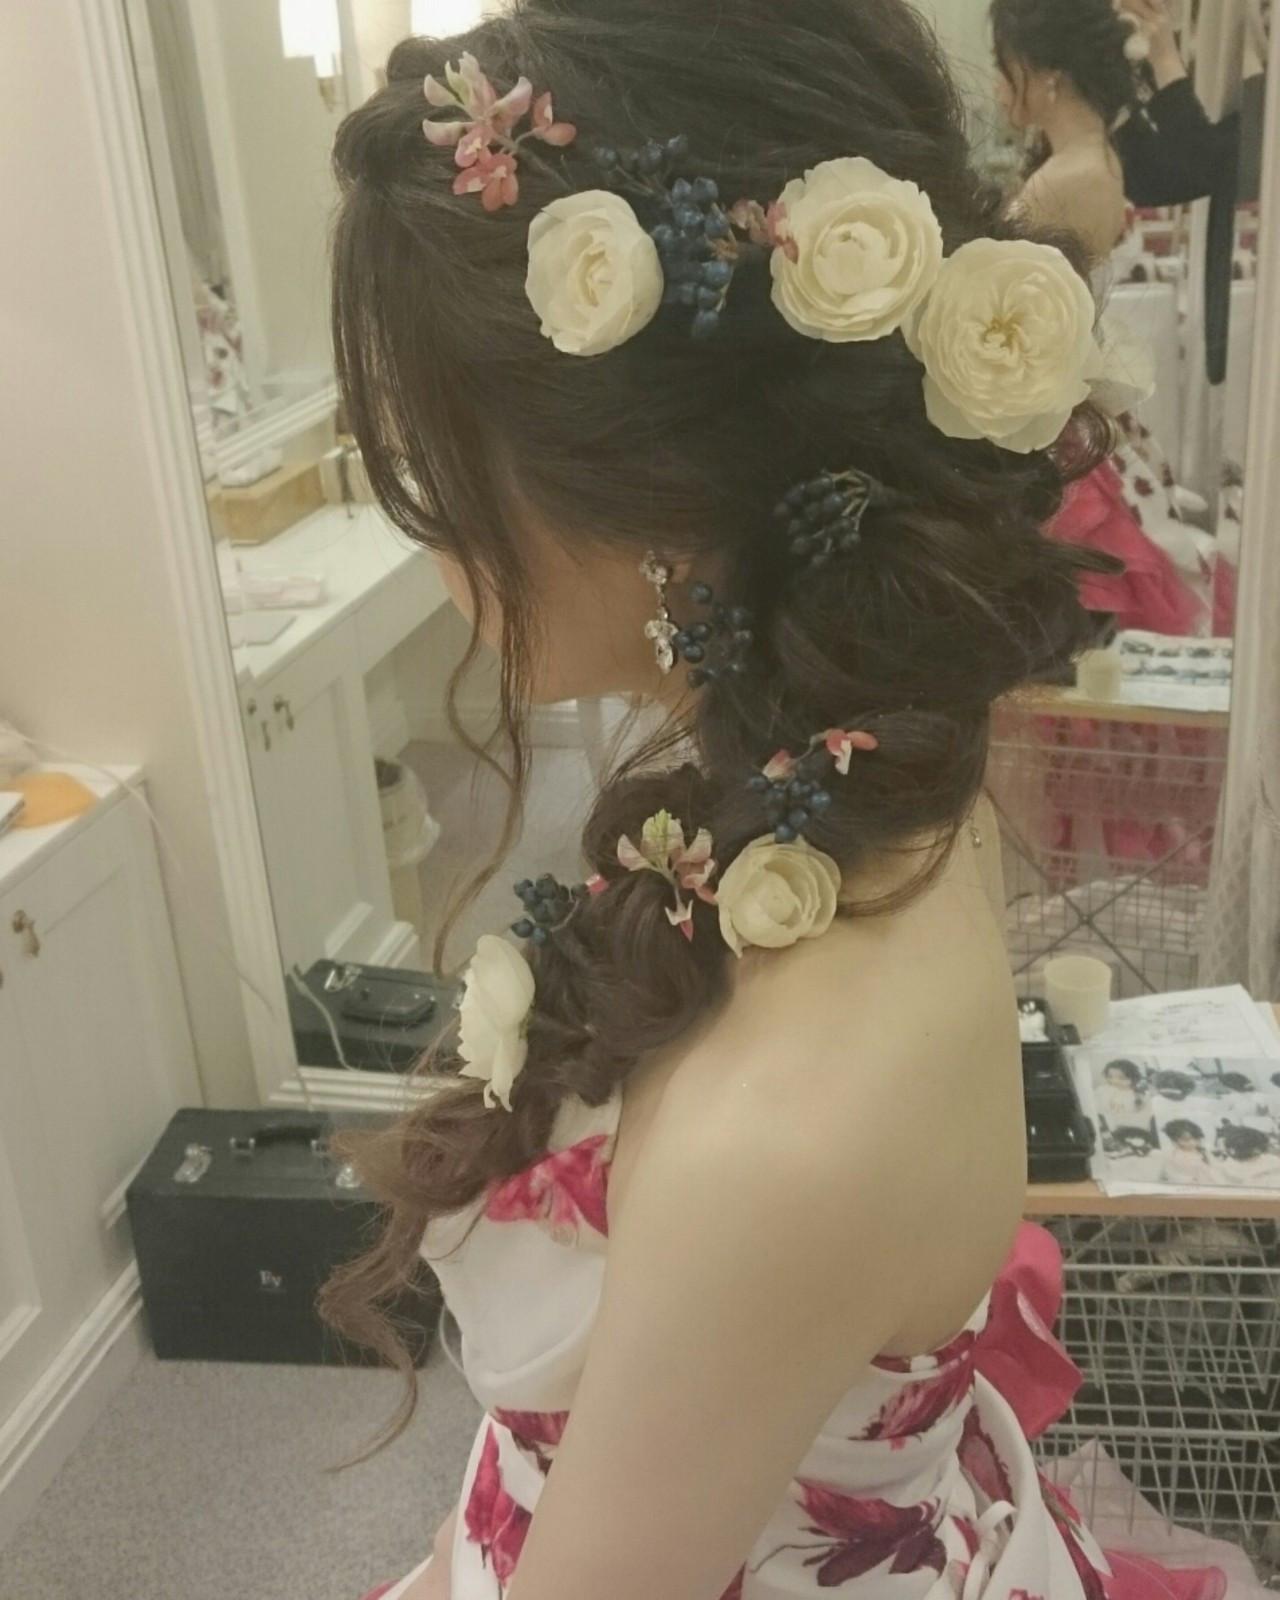 理想の結婚式を叶える♡なりたいイメージ別ウエディングヘアカタログ 美和遥 FITZ(フィッツ)